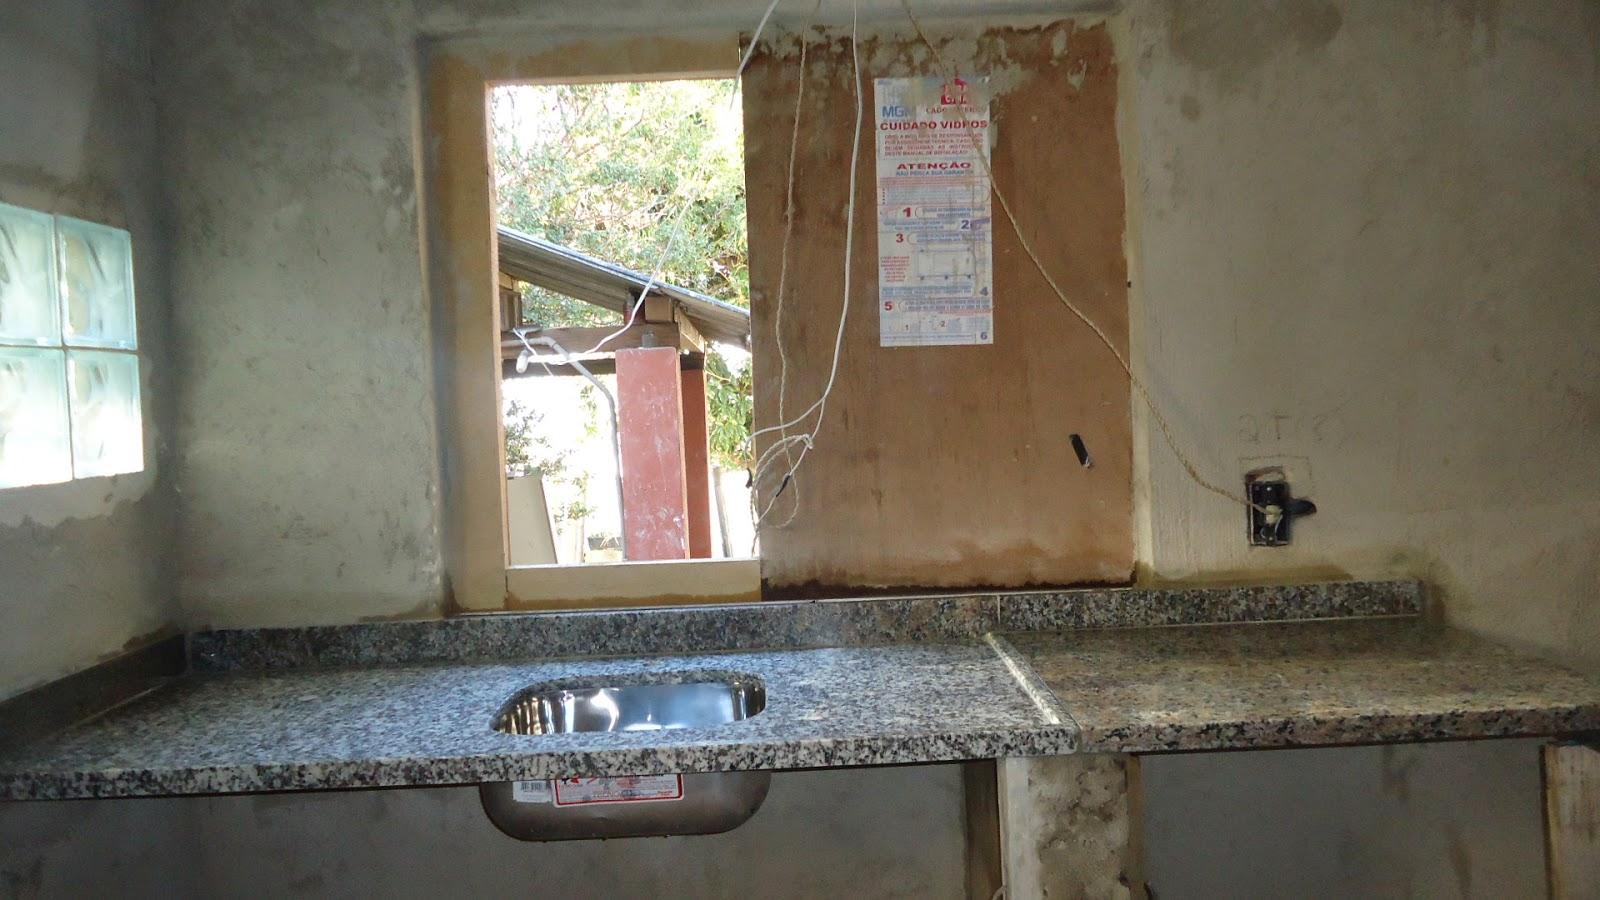 Nossa Casa de Juntados: Pia e bancada da cozinha #855046 1600x900 Banheiro Com Janela Em Cima Da Pia